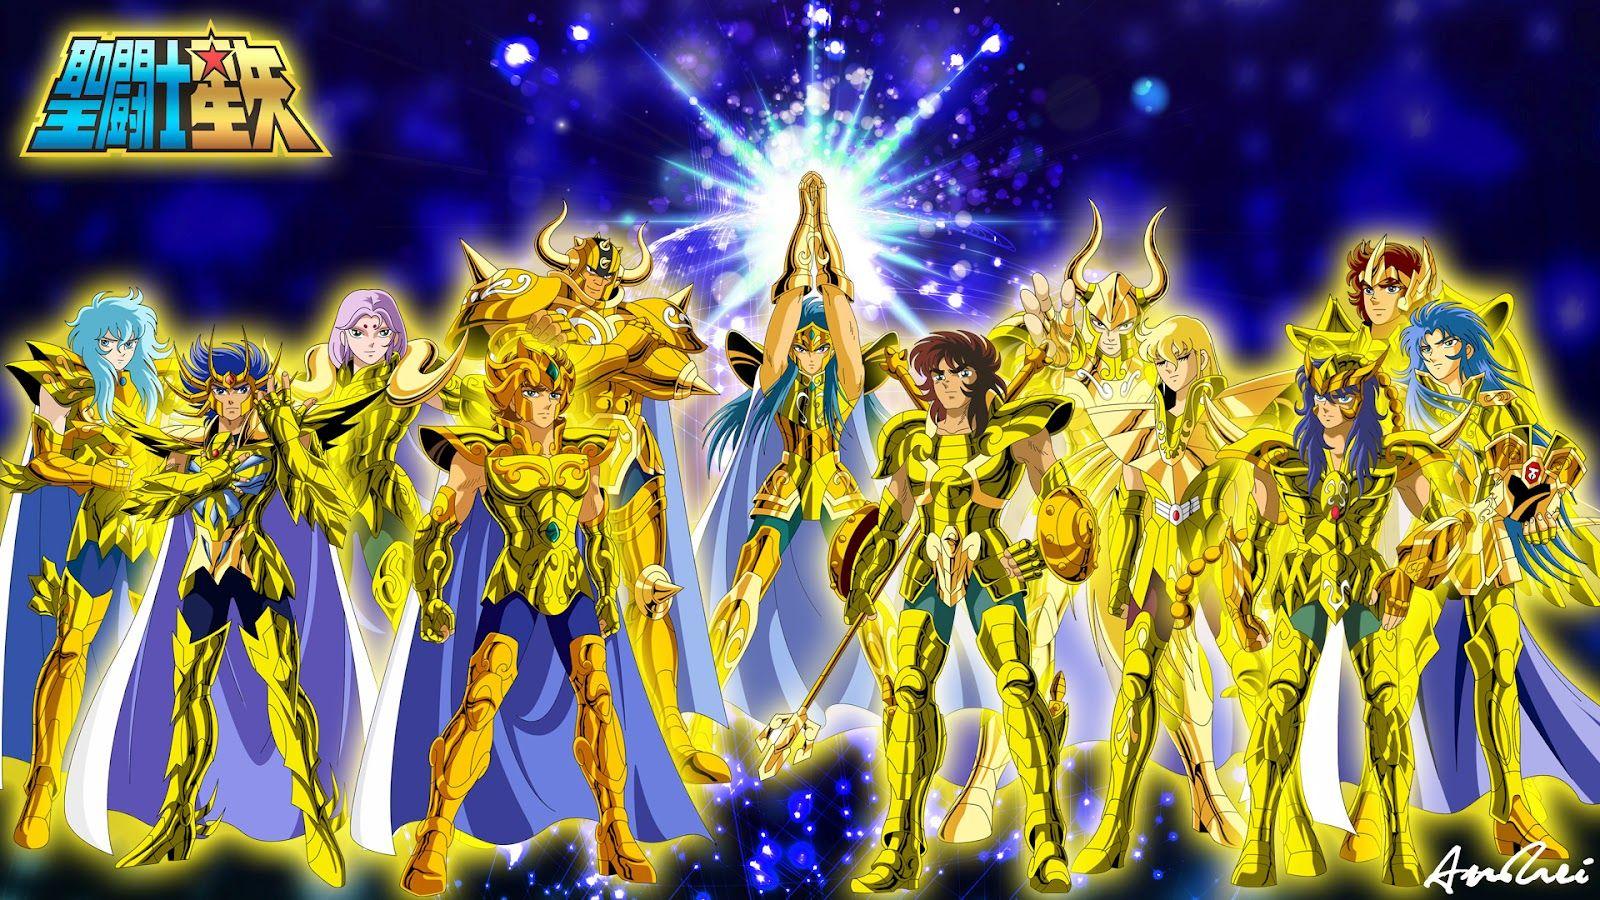 Os 12 Cavaleiros De Ouro Cavaleiros Do Zodiaco Cavaleiro Cdz